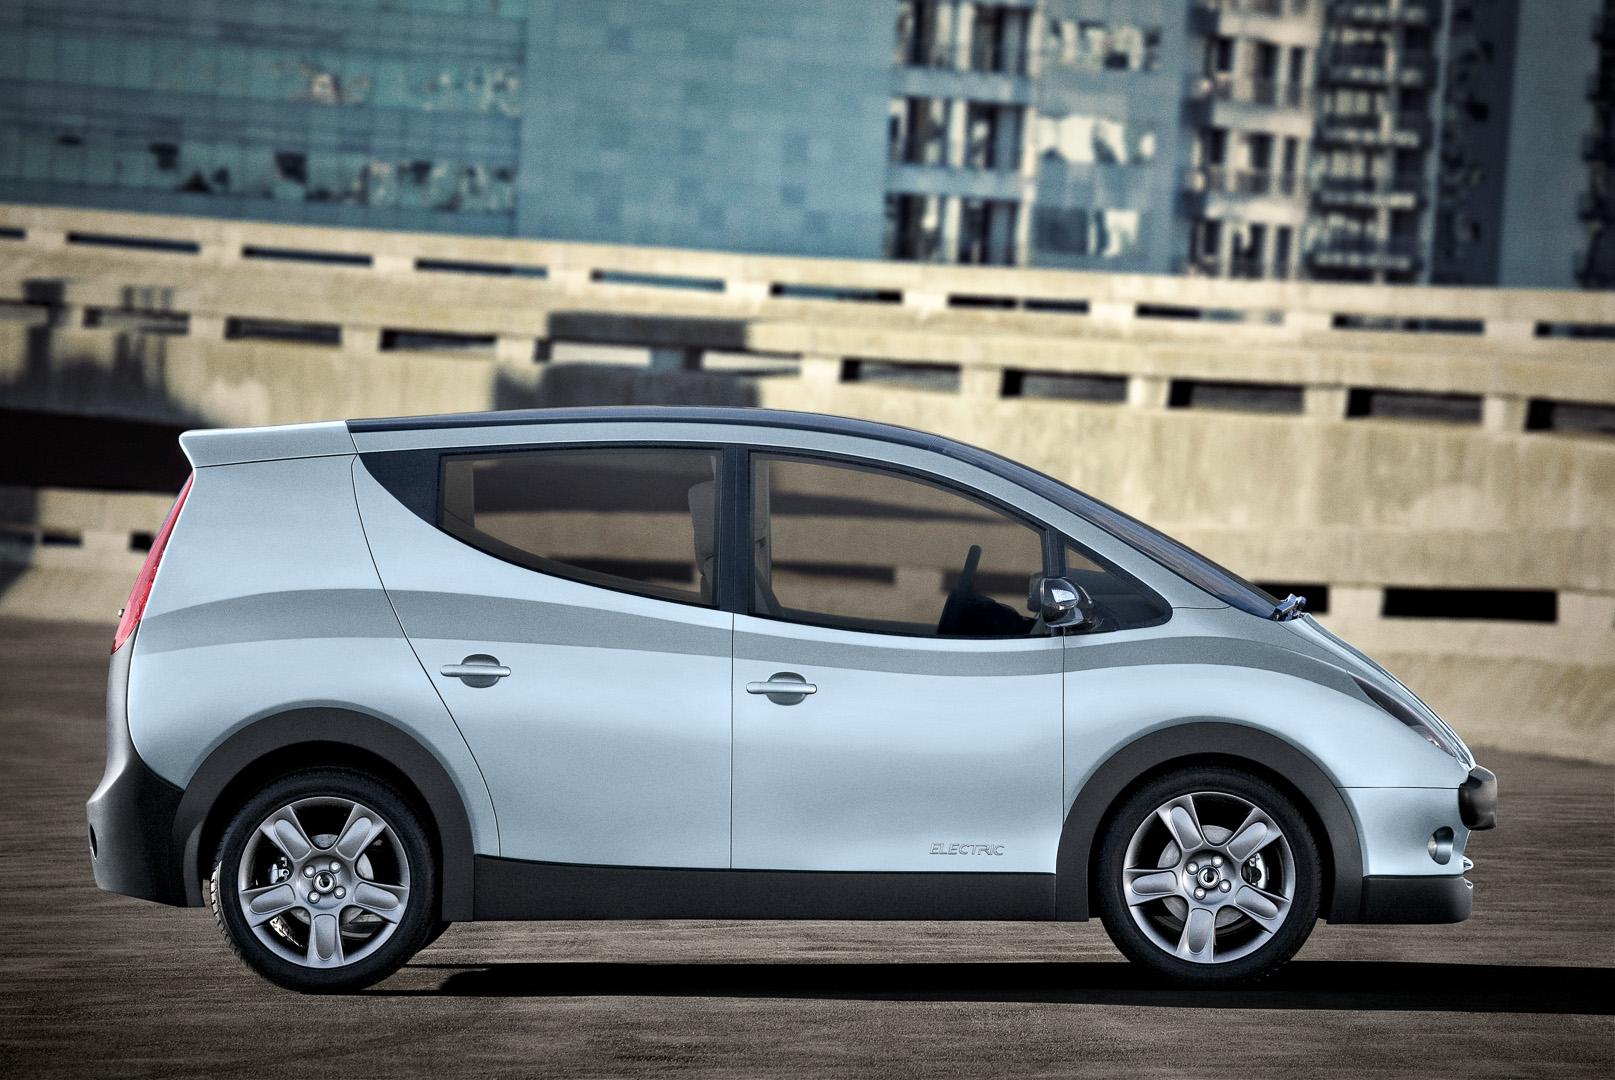 Joule Electric Car - Optimal Energy